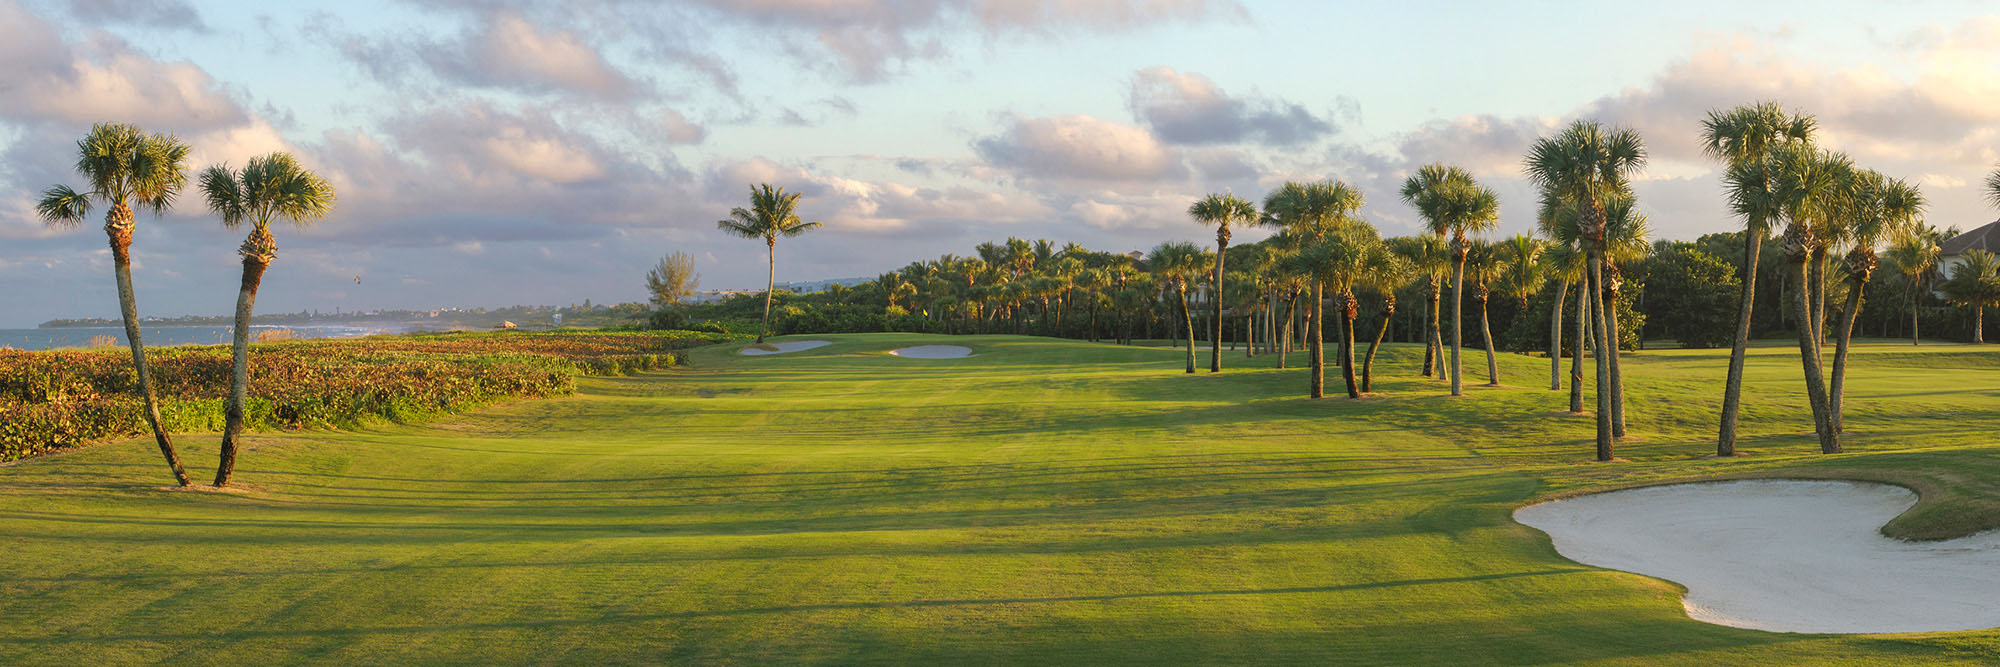 Golf Course Image - Riomar No. 7